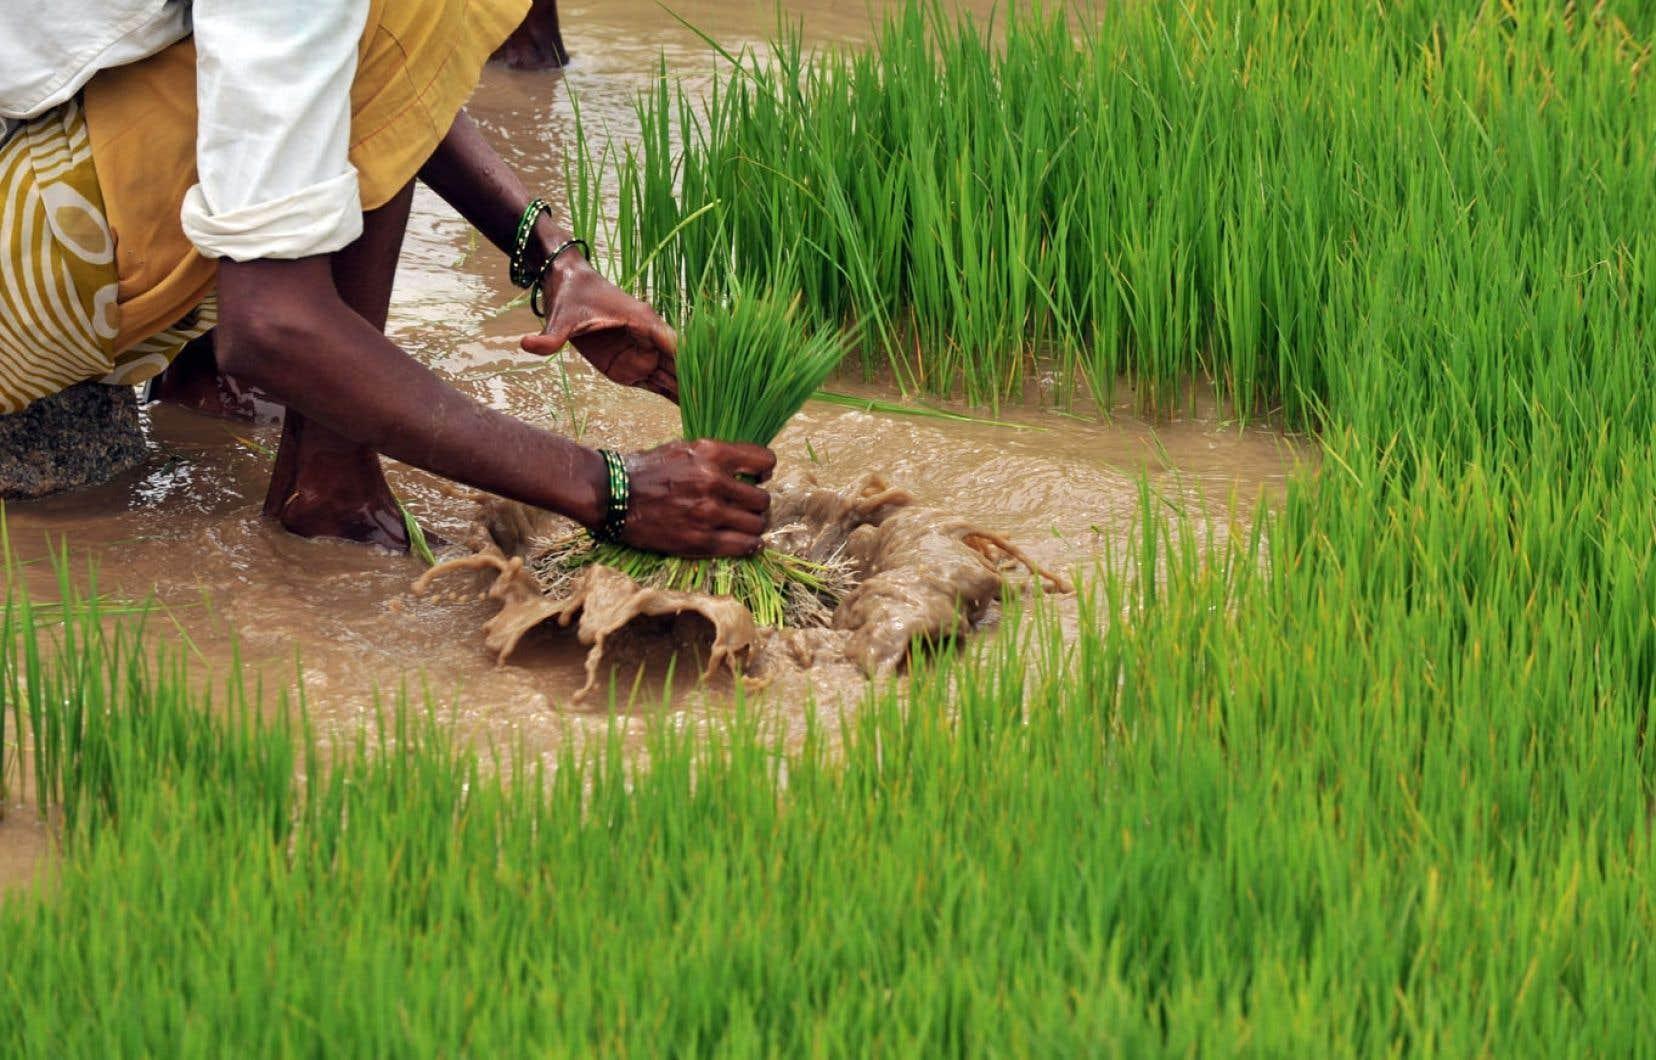 Environ 70 % de la production mondiale de riz est faite par des paysans qui cultivent moins d'un hectare par année.